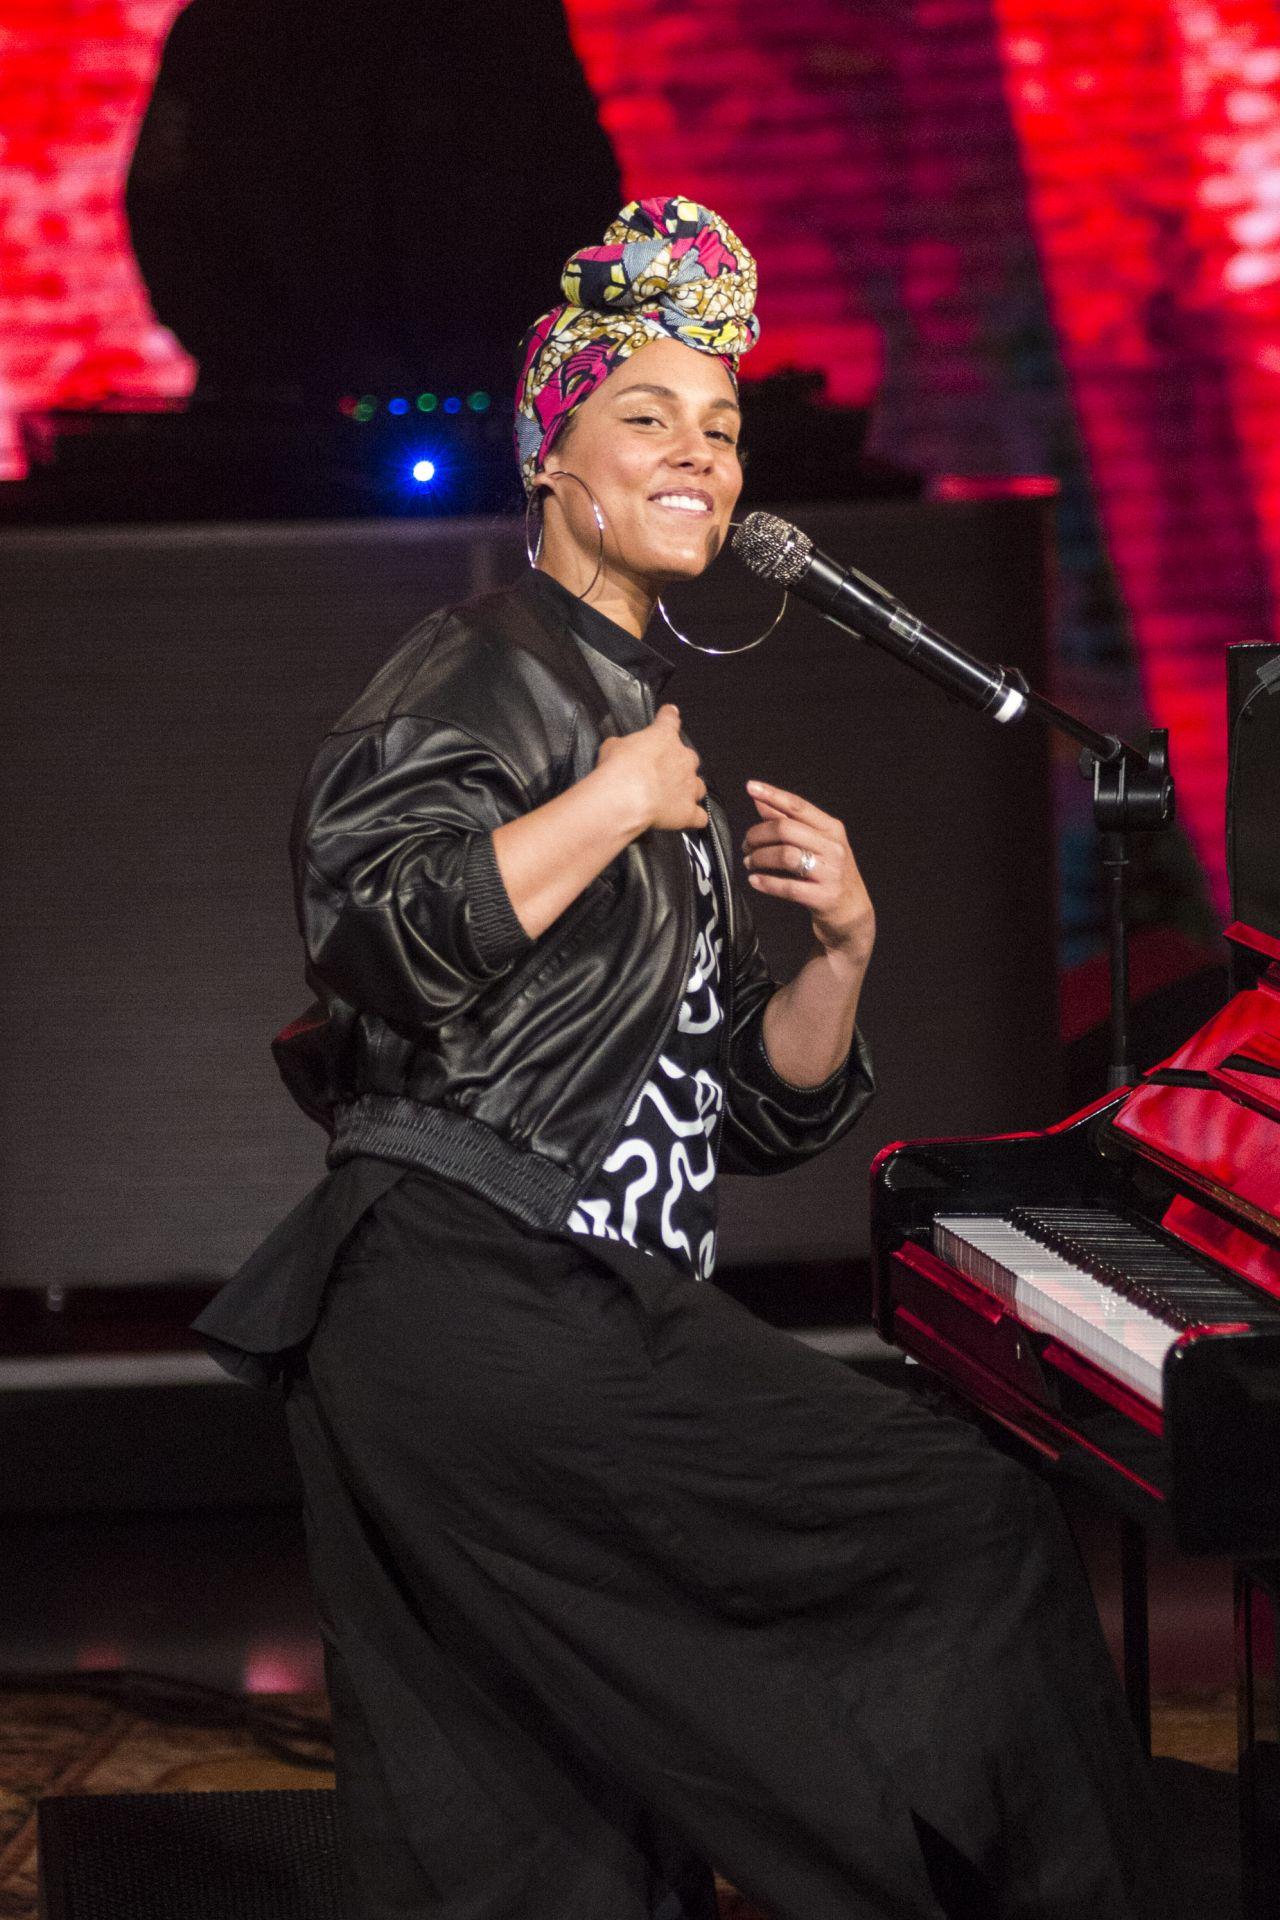 Alicia Keys  Performs at TV broadcast Che tempo che fa in Milan June 2016